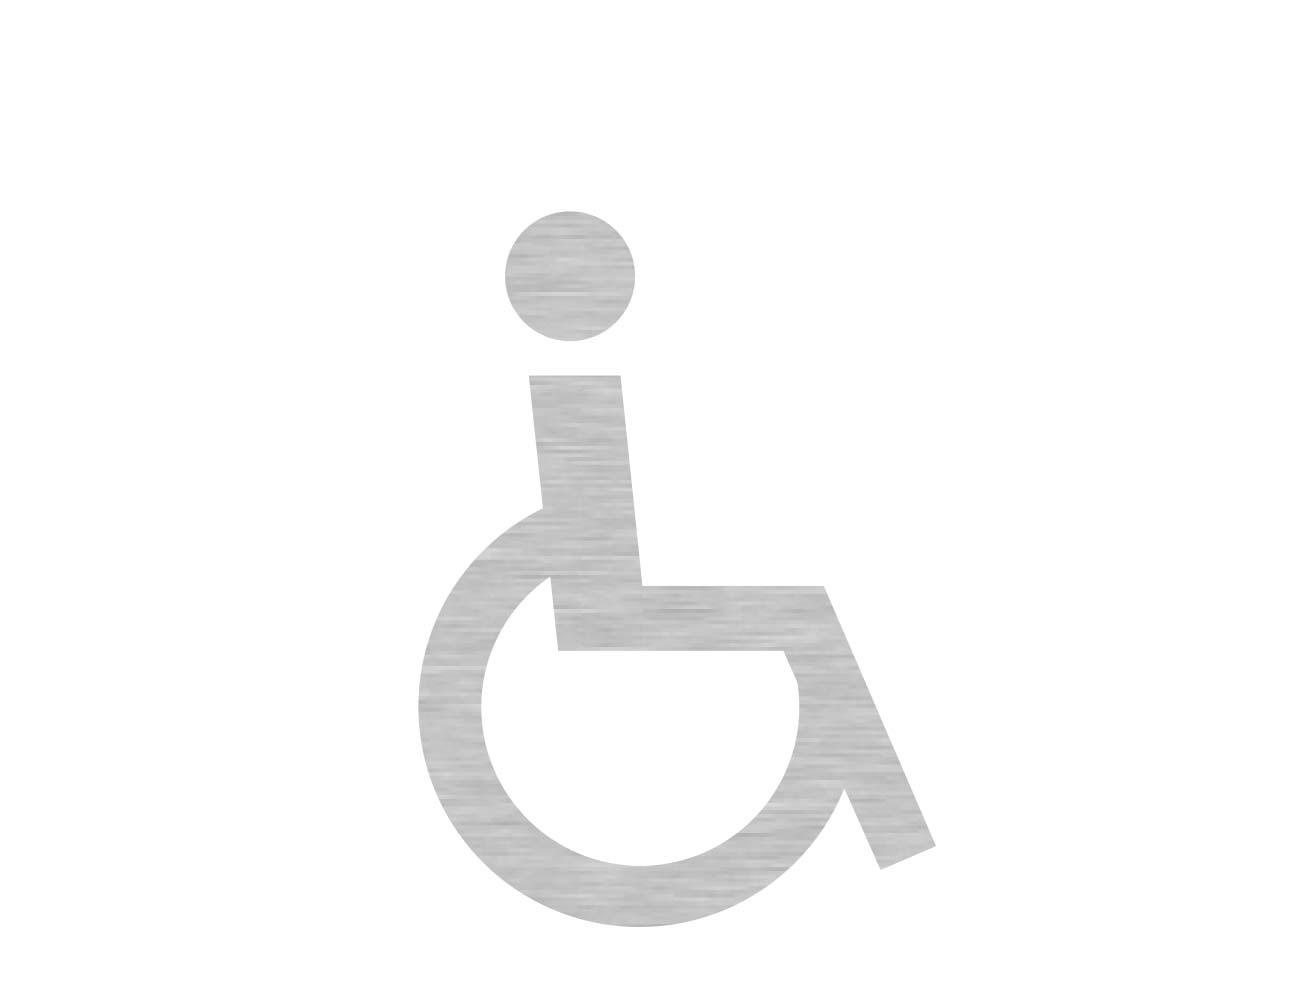 WC Piktogramme - Variante 1  - Rollstuhl